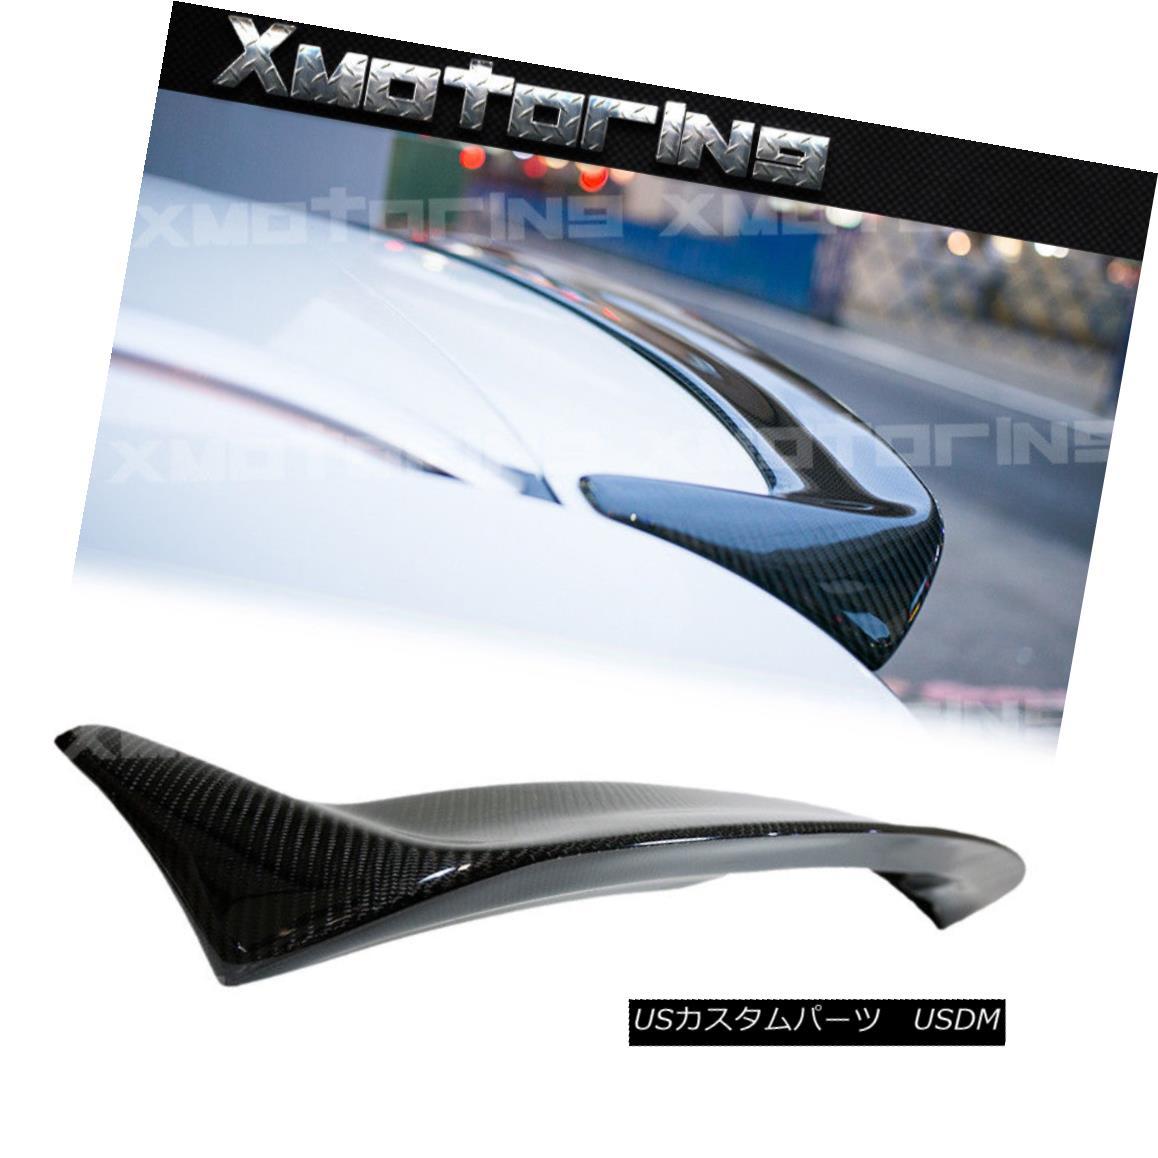 エアロパーツ Carbon Fiber 3D Style Roof Tail Wing Spoiler Fit BMW E91 06-11 3-Series Wagon カーボンファイバー3DスタイルルーフテールウィングスポイラーフィットBMW E91 06-11 3シリーズワゴン